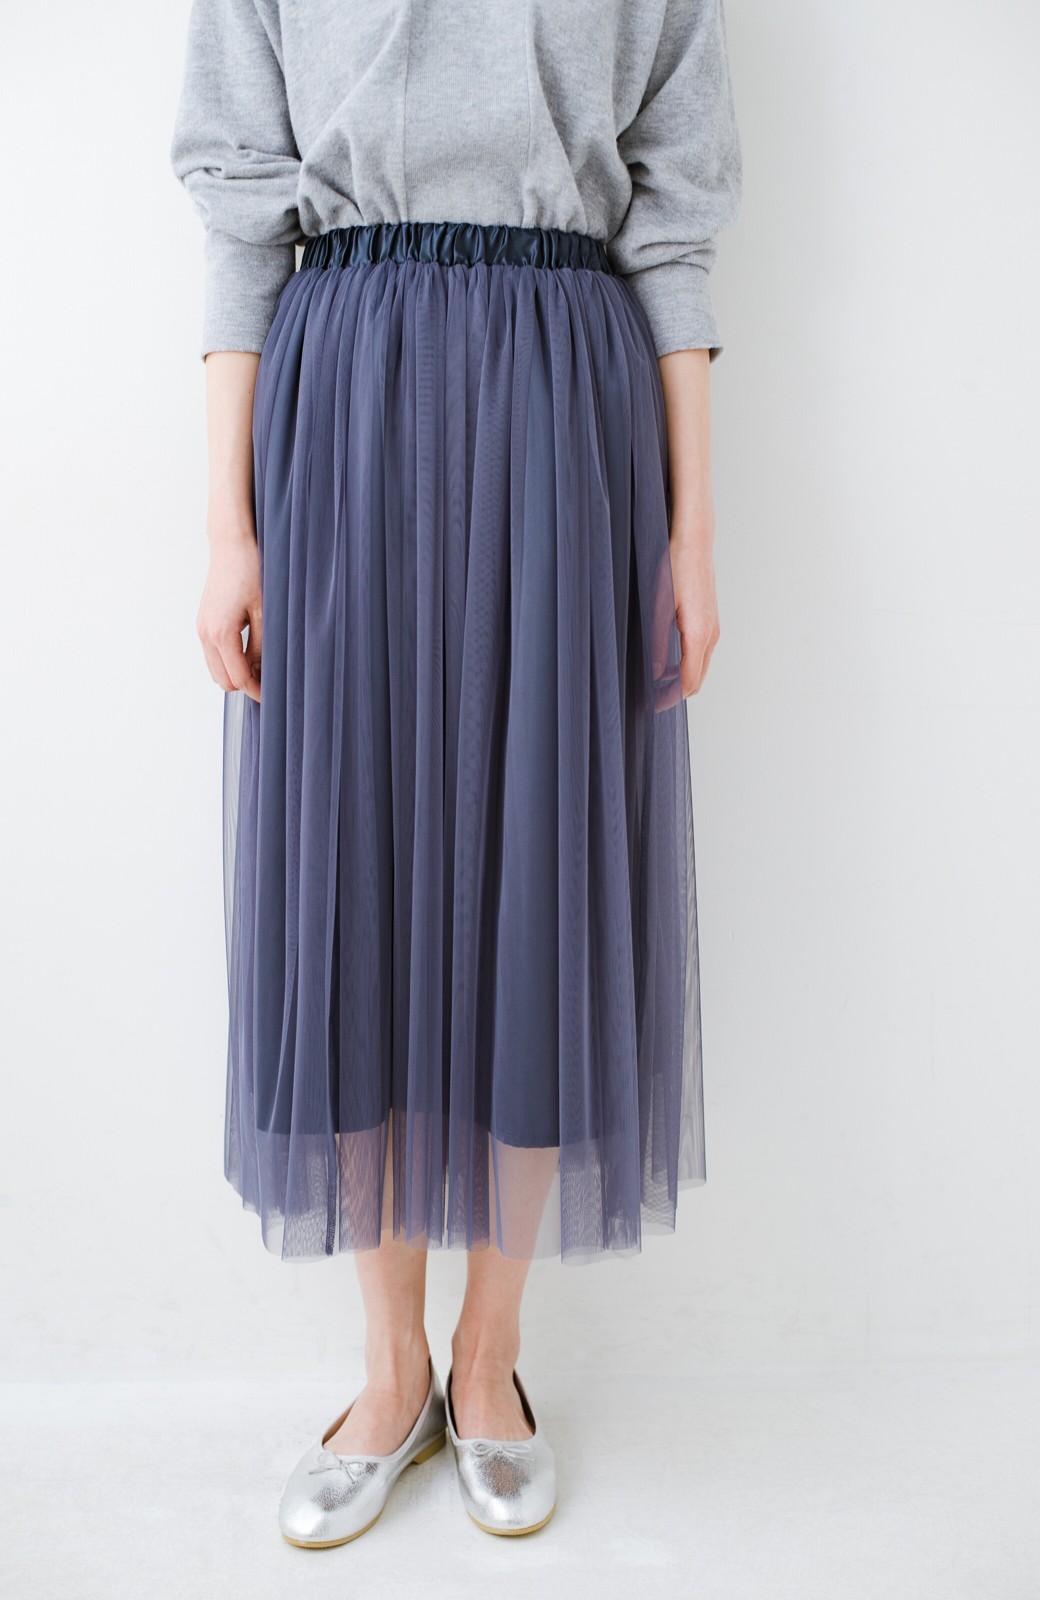 haco! 着るだけでルンとした気分になる! 長ーーい季節着られてずっと使えるオトナのためのチュールスカート <ネイビー>の商品写真6